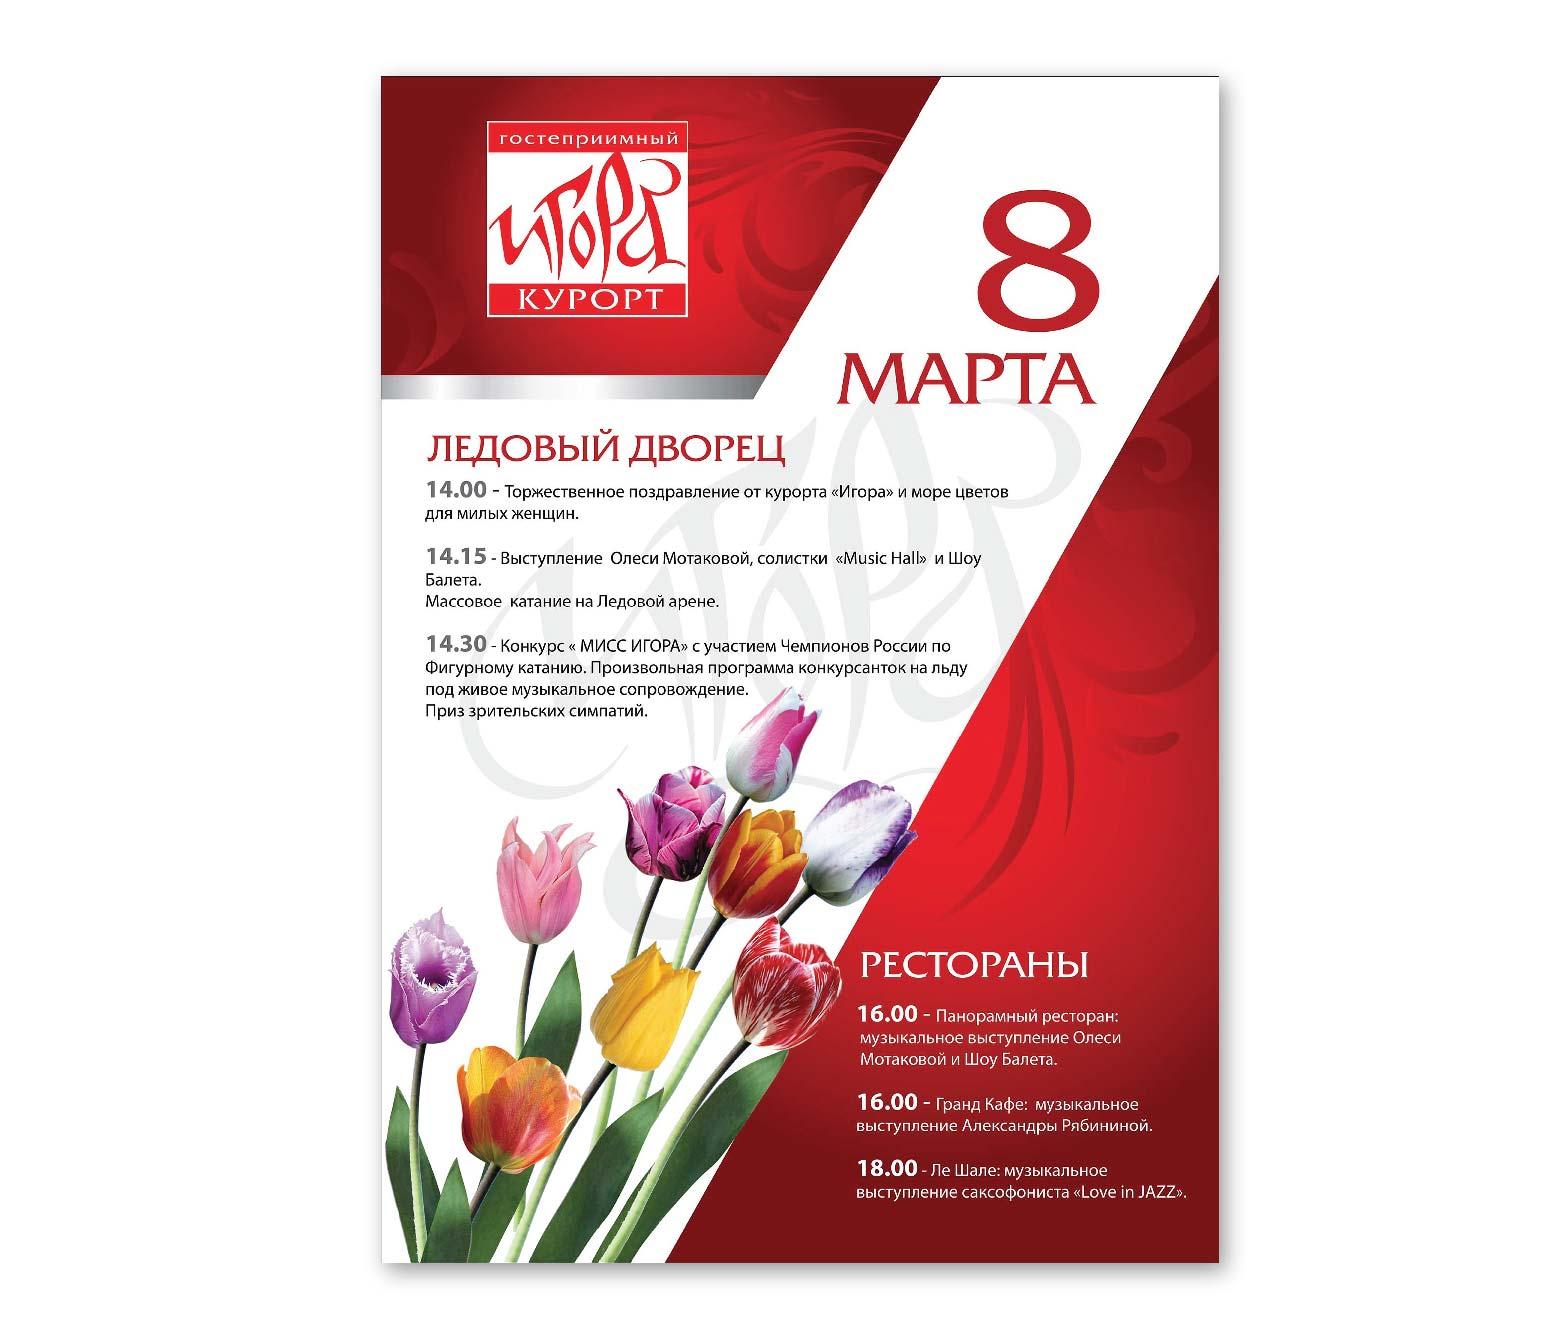 Верстка информационного плаката